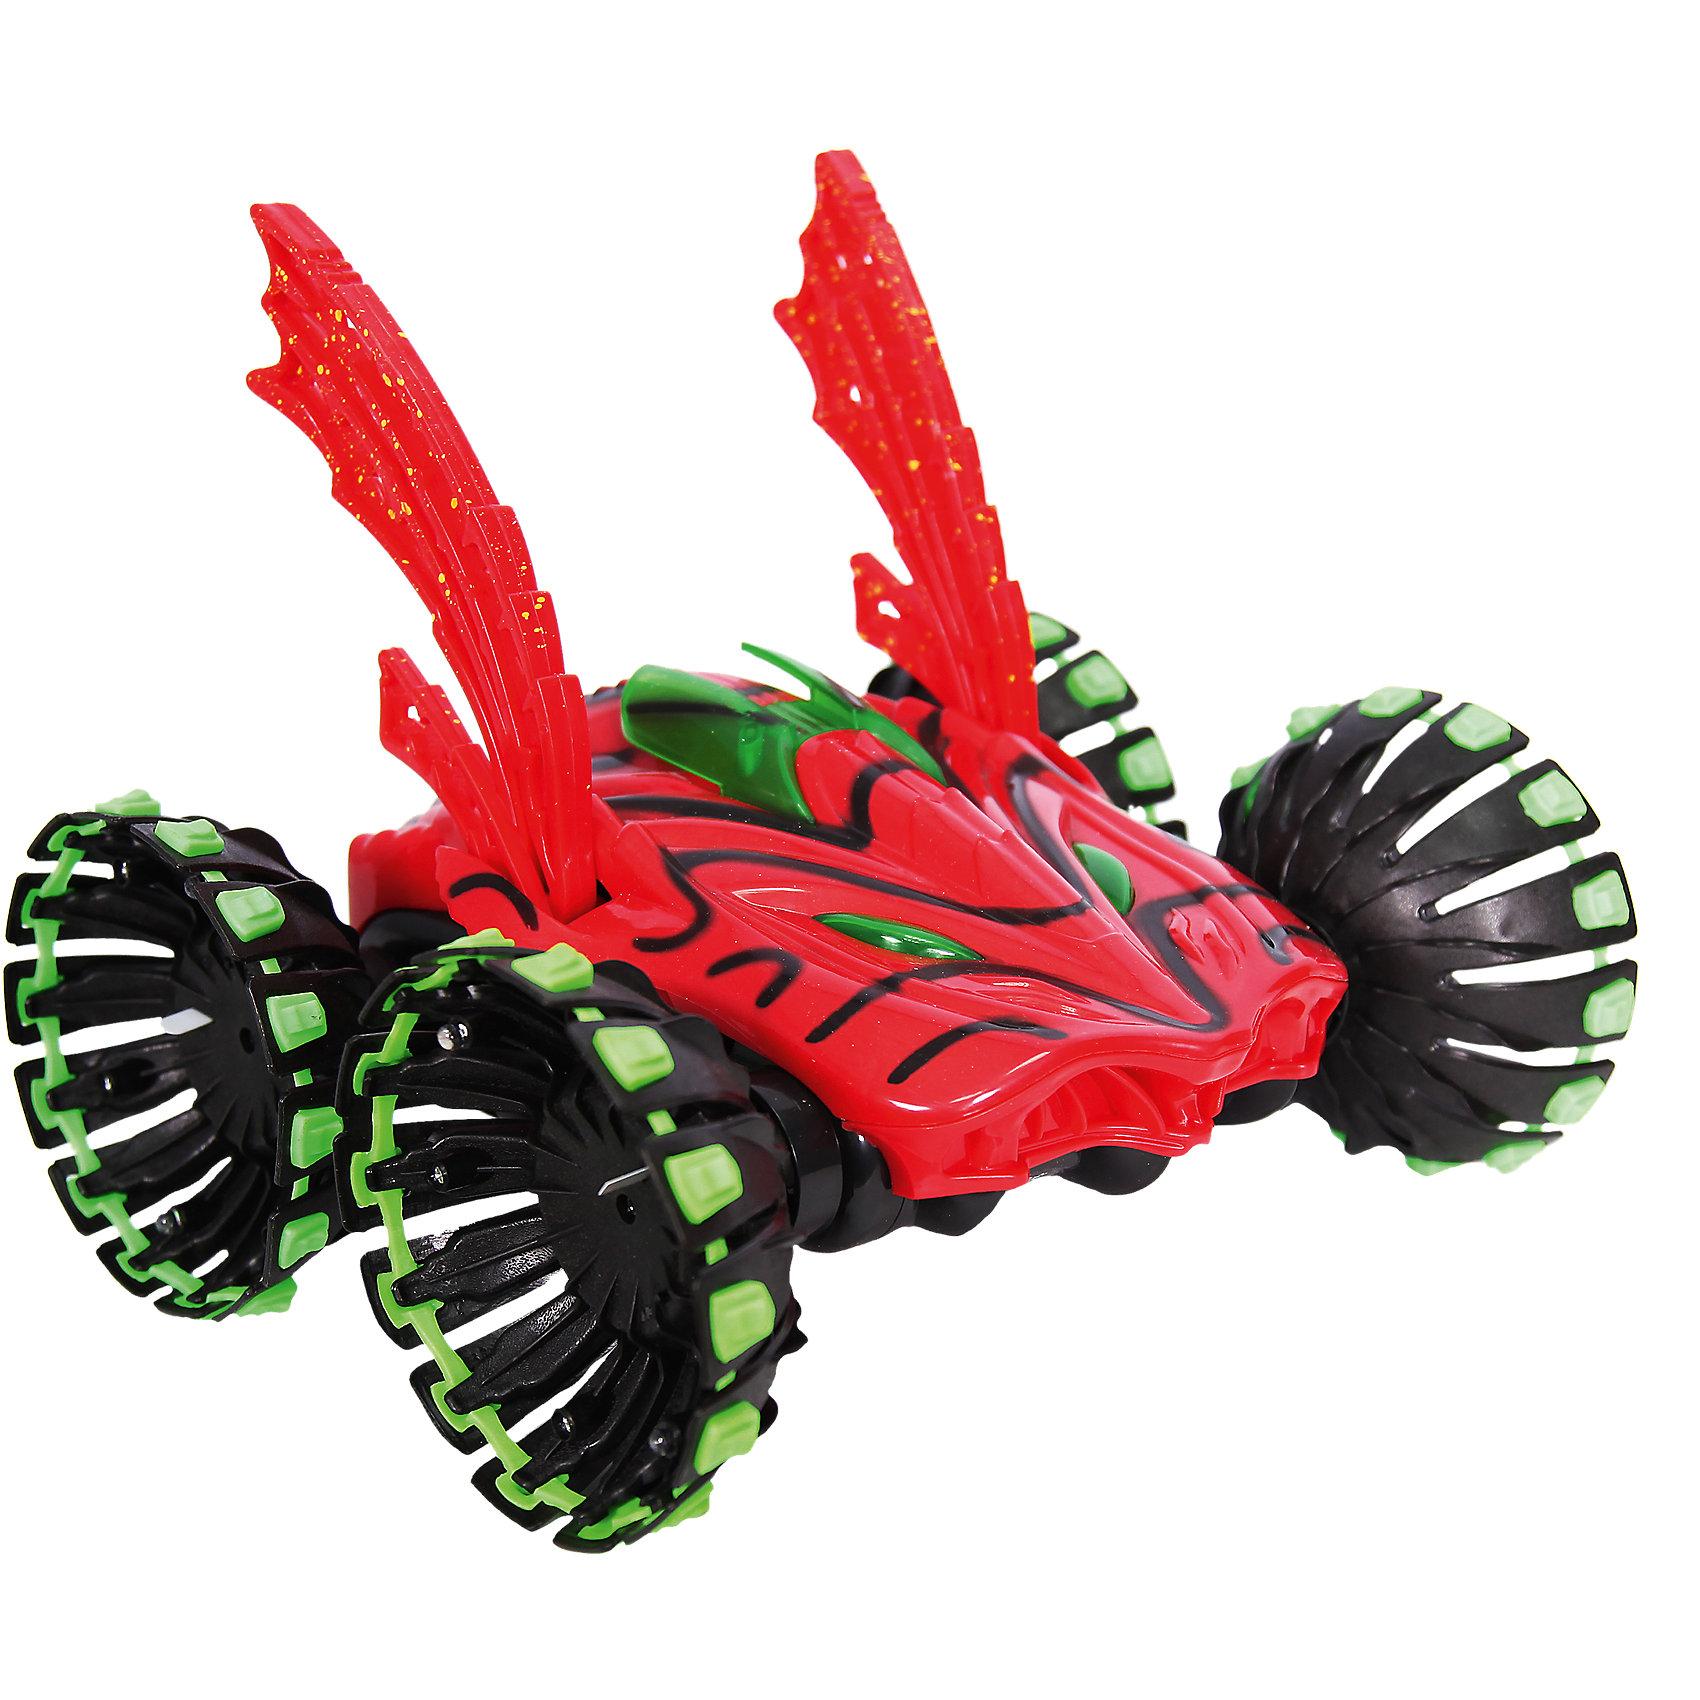 Автомобиль-внедорожник SUPER SPEED STUNT CAR, р/у, SDLАвтомобиль-внедорожник SUPER SPEED STUNT CAR от SDL- это вездеход, который вызовет восторг и взрослых и детей. Яркий вездеход на огромных колесах напоминает пришельца и может развивать скорость до 22 км/ч! Мальчишку очень порадуют внушительные шины, готовые обогнуть любое препятствие. Ребенок получит огромное удовольствие от управления SUPER SPEED STUNT CAR, ведь благодаря резиновые протекторам колес и форме машинка очень маневренная и может выполнять захватывающие трюки! Вездеход может без труда сделать сальто или повращаться на задних колесах. Особый колорит трюкам придают классные световые эффекты. Внедорожник SUPER SPEED STUNT CAR может ездить по любым поверхностям, поэтому мальчик будет обязательно брать ее с собой на прогулку и оттачивать навыки вождения! Собирай друзей и выясняй, кто самый быстрый гонщик!<br><br>Дополнительная информация:<br><br>- В комплекте: детали для сборки, пульт дистанционного управления, аккумуляторная батарейка, батарейка 9V для ПДУ, зарядное устройство;<br>- Светодиоды на колесах;<br>- Может делать сальто и вращаться на задних колесах;<br>- Защита от падений и ударов;<br>- Разгоняется до 22 км/ч;<br>- Состав (материал): пластик;<br>- Цвет: красный;<br>- Размер упаковки: 43 х 22,5 х 30 см; <br>- Вес упаковки: 1,5 кг<br><br>Автомобиль-внедорожник SUPER SPEED STUNT CAR, р/у, SDL можно купить в нашем интернет-магазине.<br><br>Ширина мм: 430<br>Глубина мм: 225<br>Высота мм: 300<br>Вес г: 1500<br>Возраст от месяцев: 72<br>Возраст до месяцев: 144<br>Пол: Мужской<br>Возраст: Детский<br>SKU: 4094293